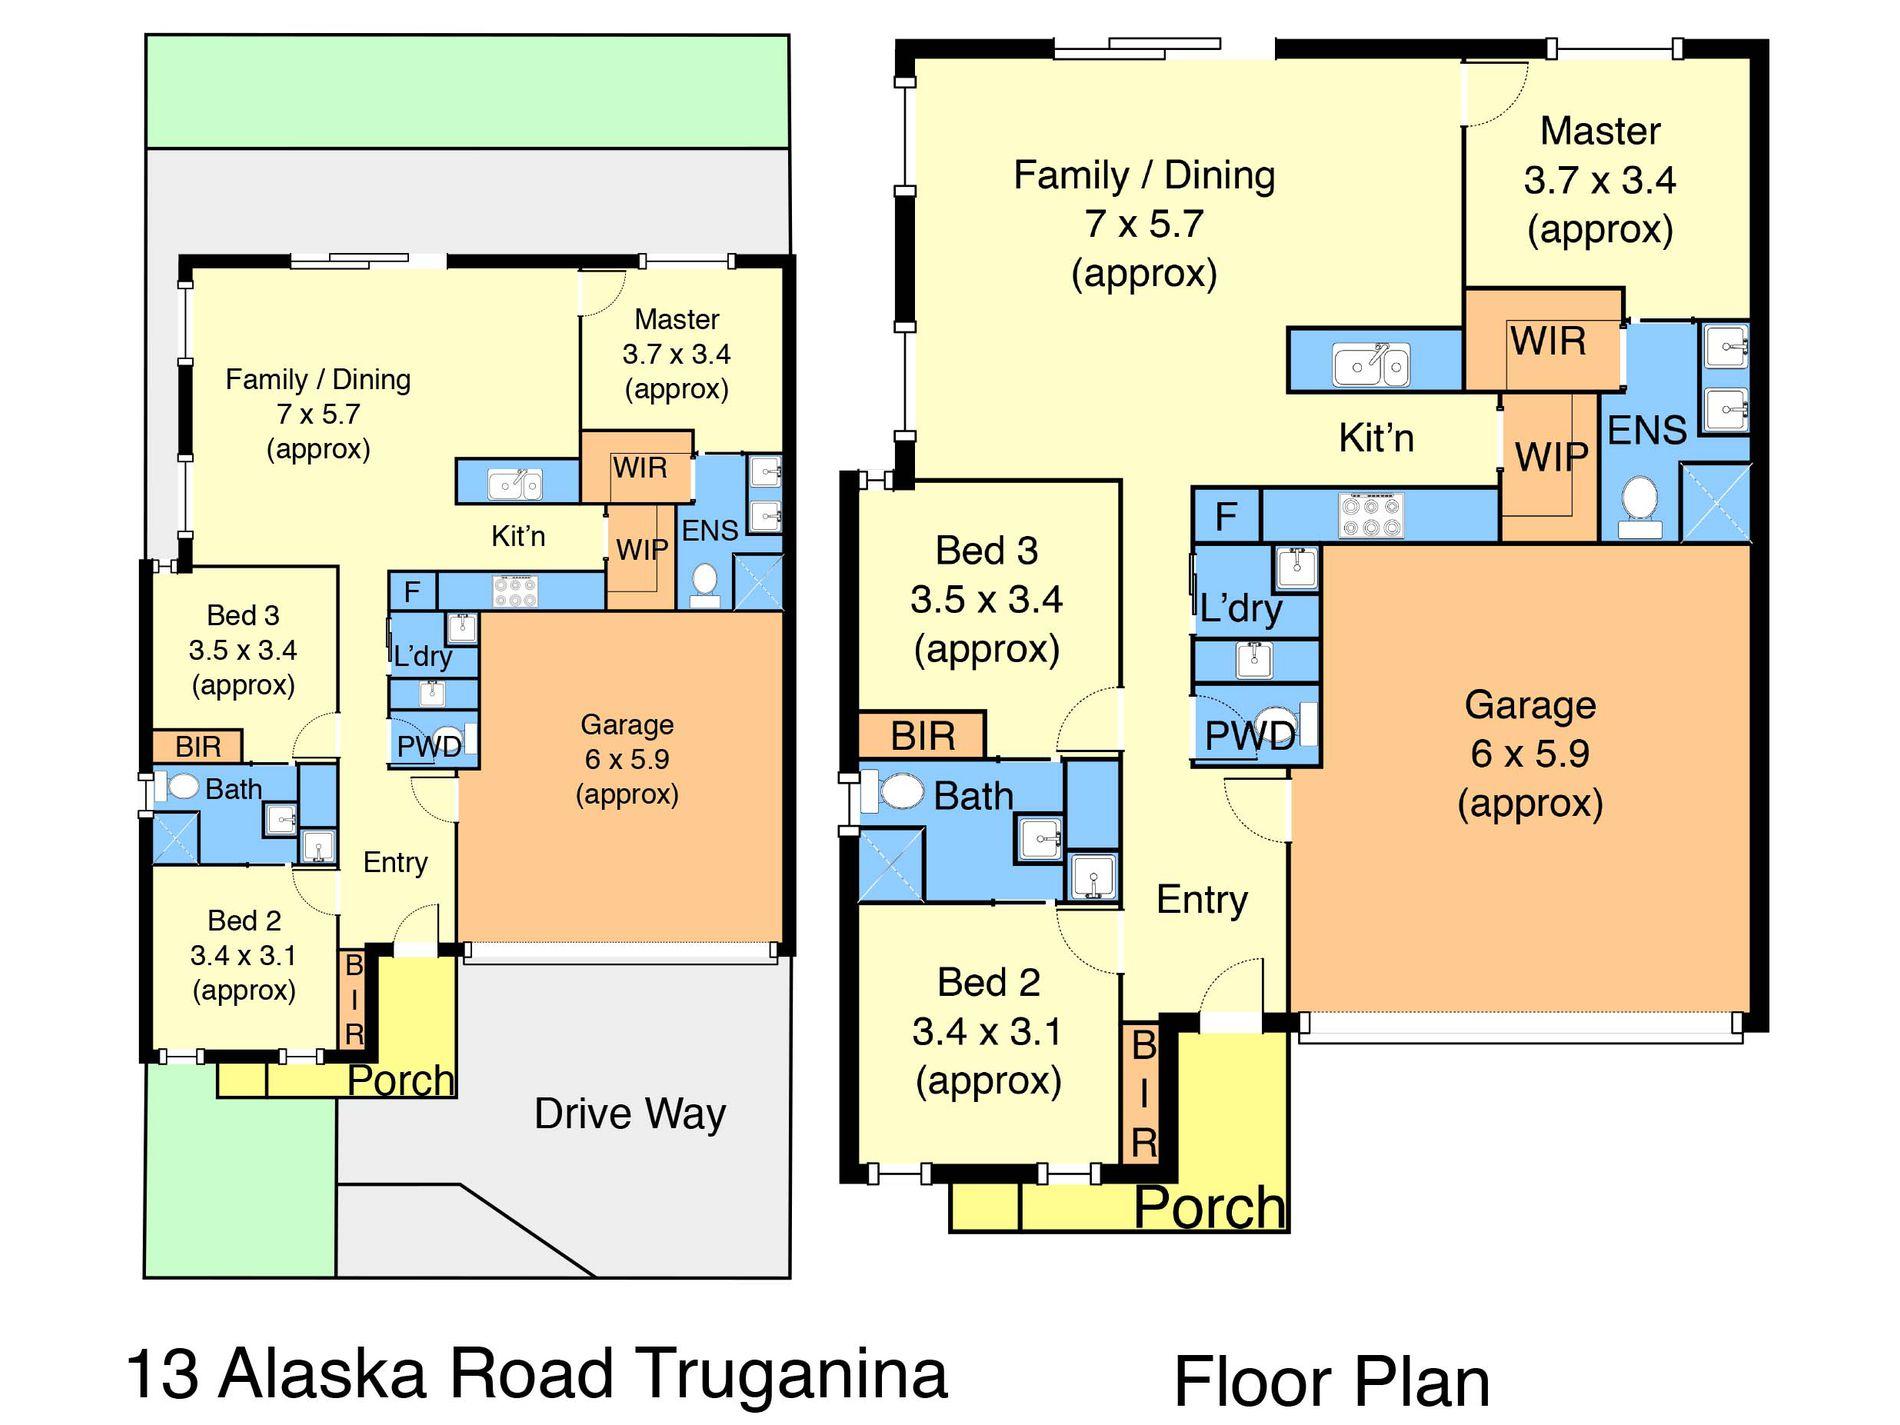 13 Alaska Road Truganina, Truganina